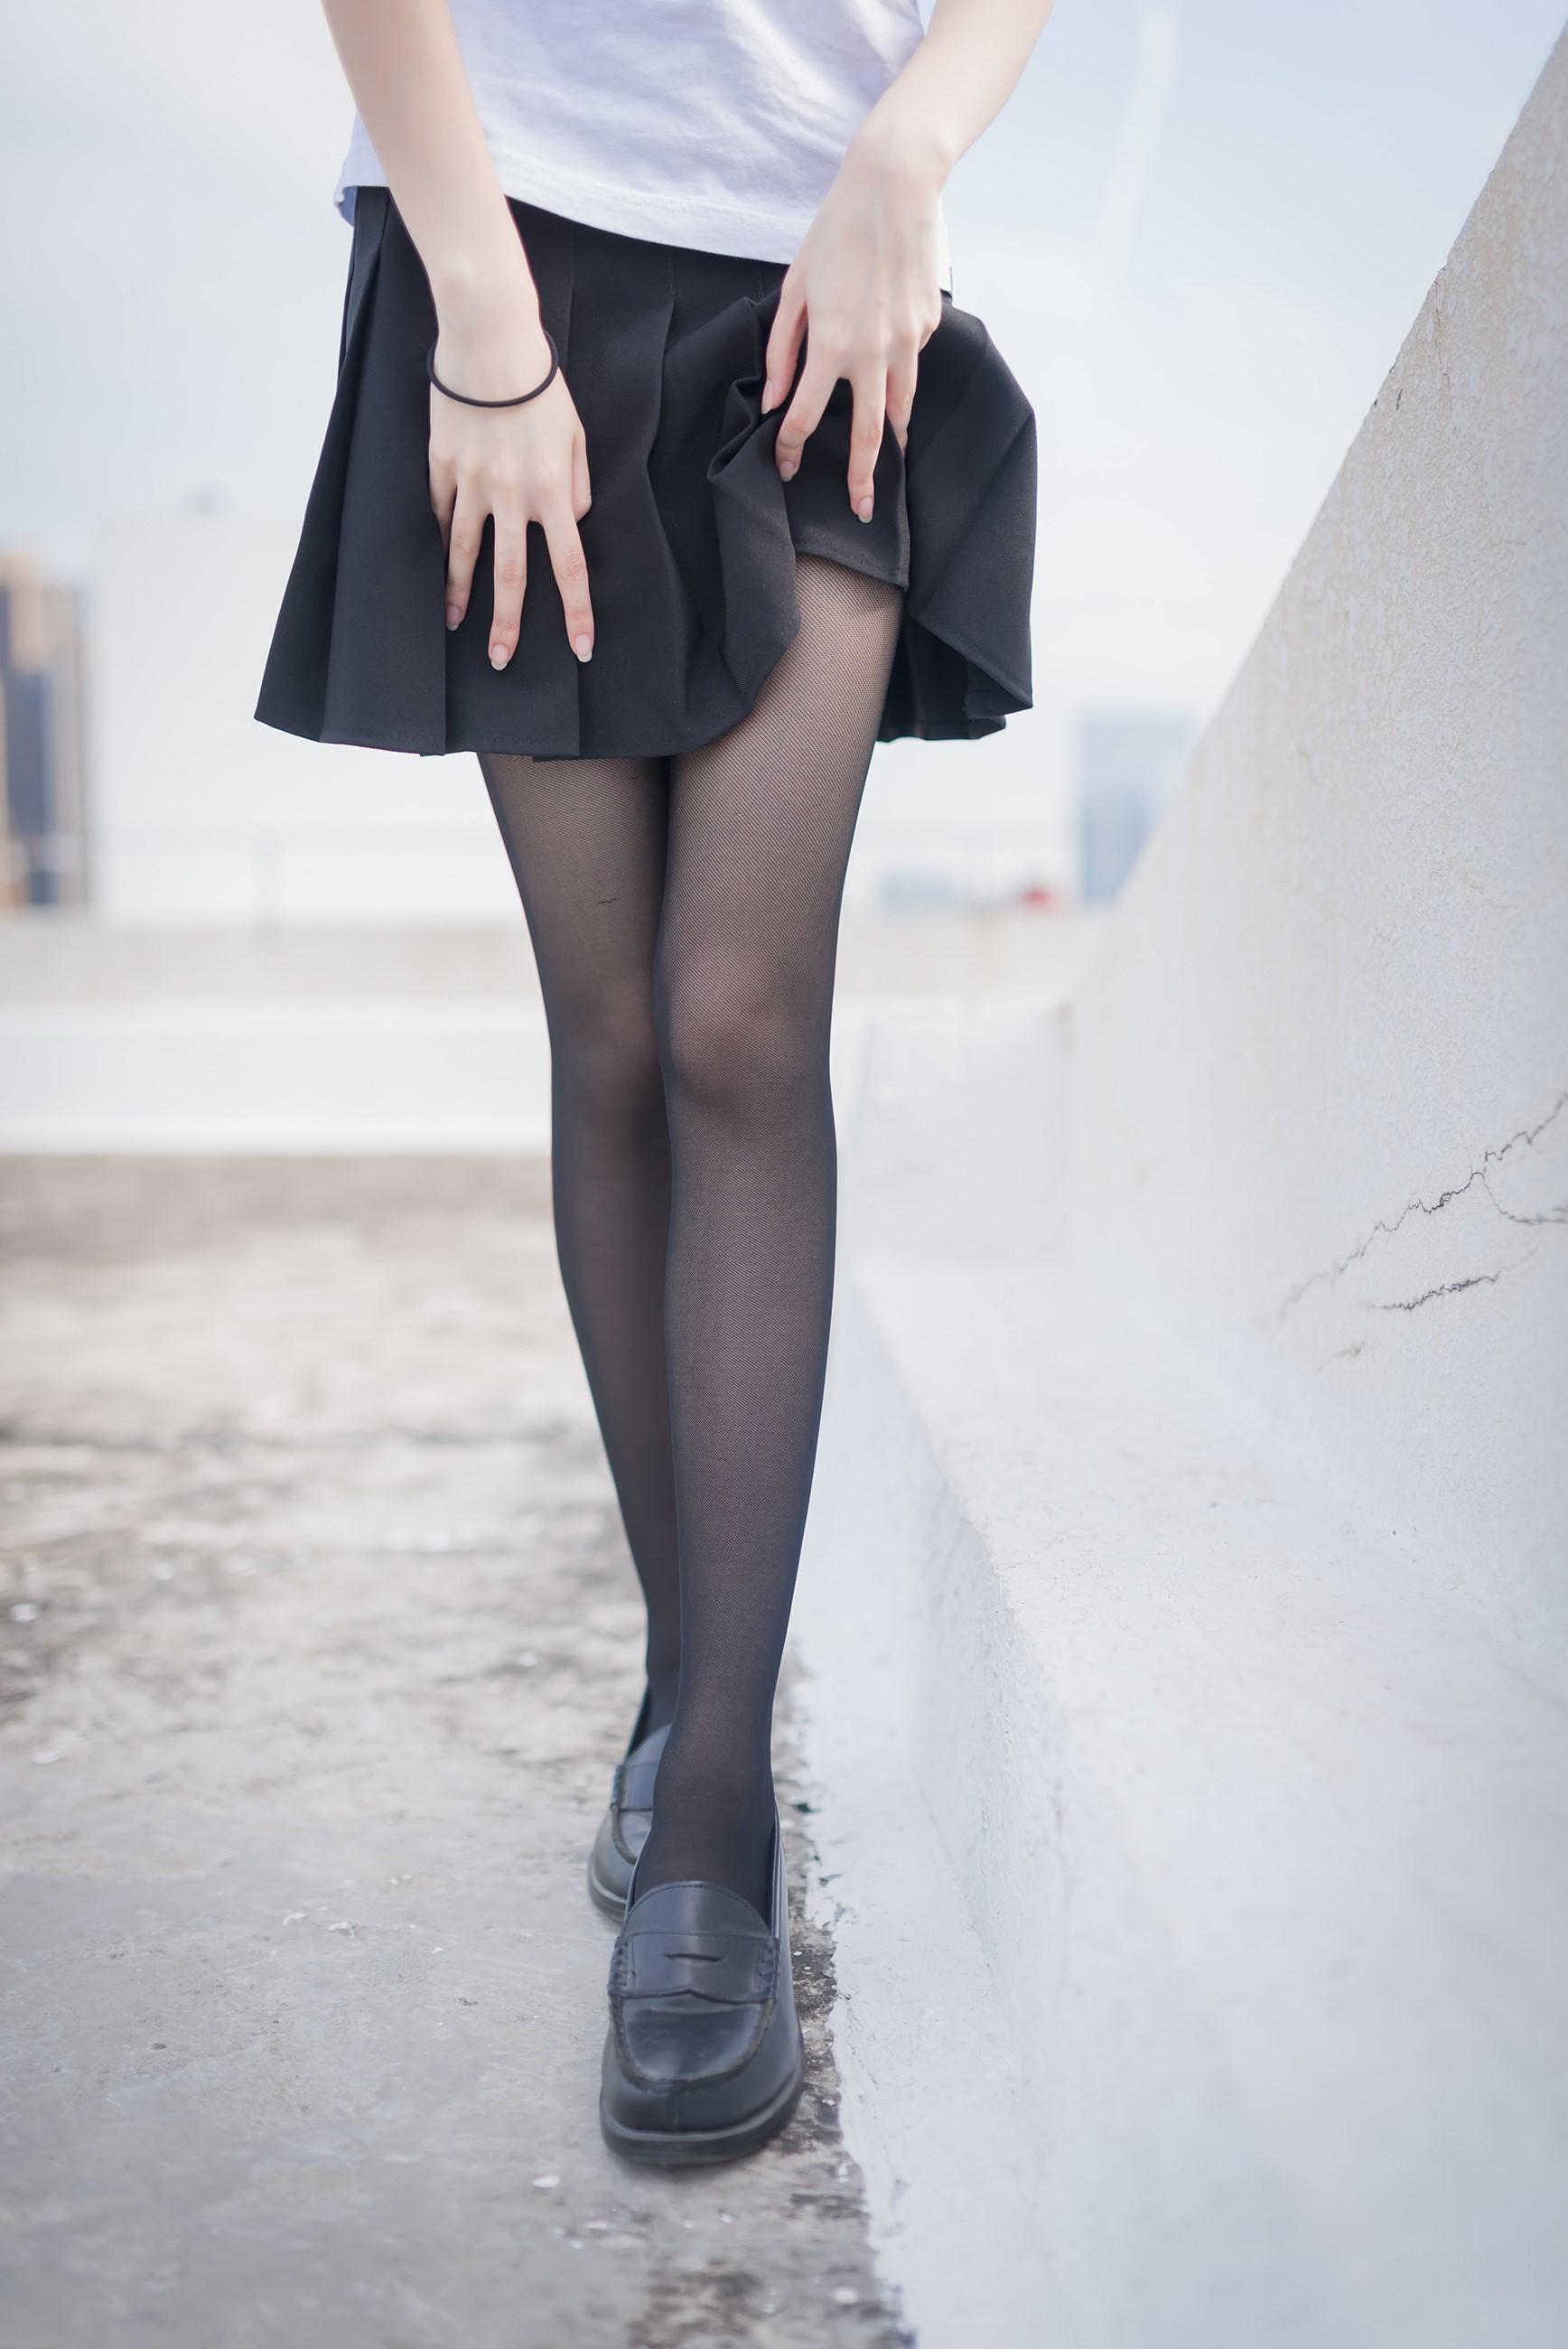 【兔玩映画】天台的黑丝少女 兔玩映画 第10张